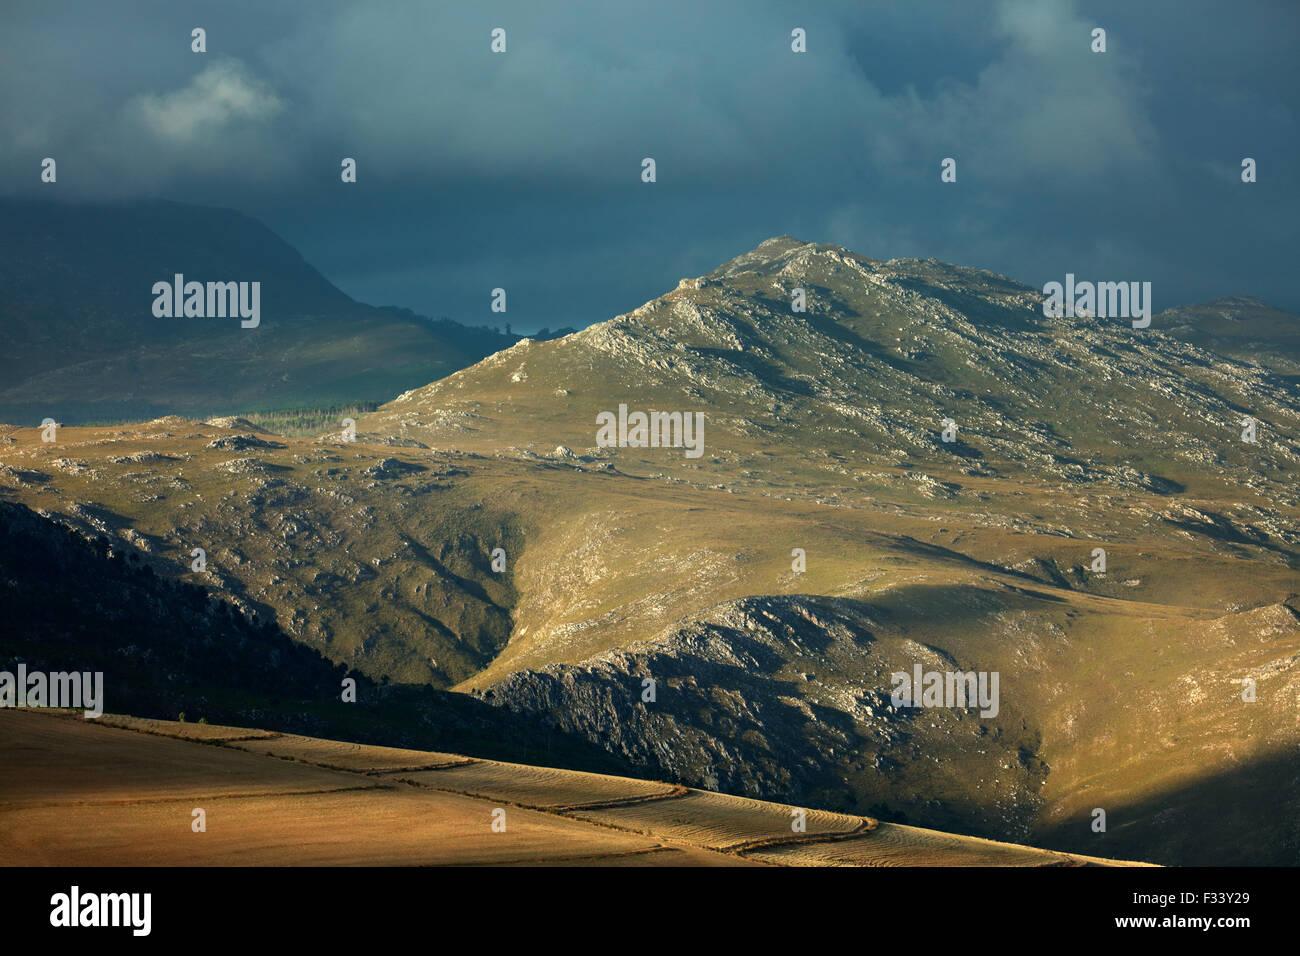 Montagnes dans la région d'Overberg près de Villiersdorp, Western Cape, Afrique du Sud Photo Stock